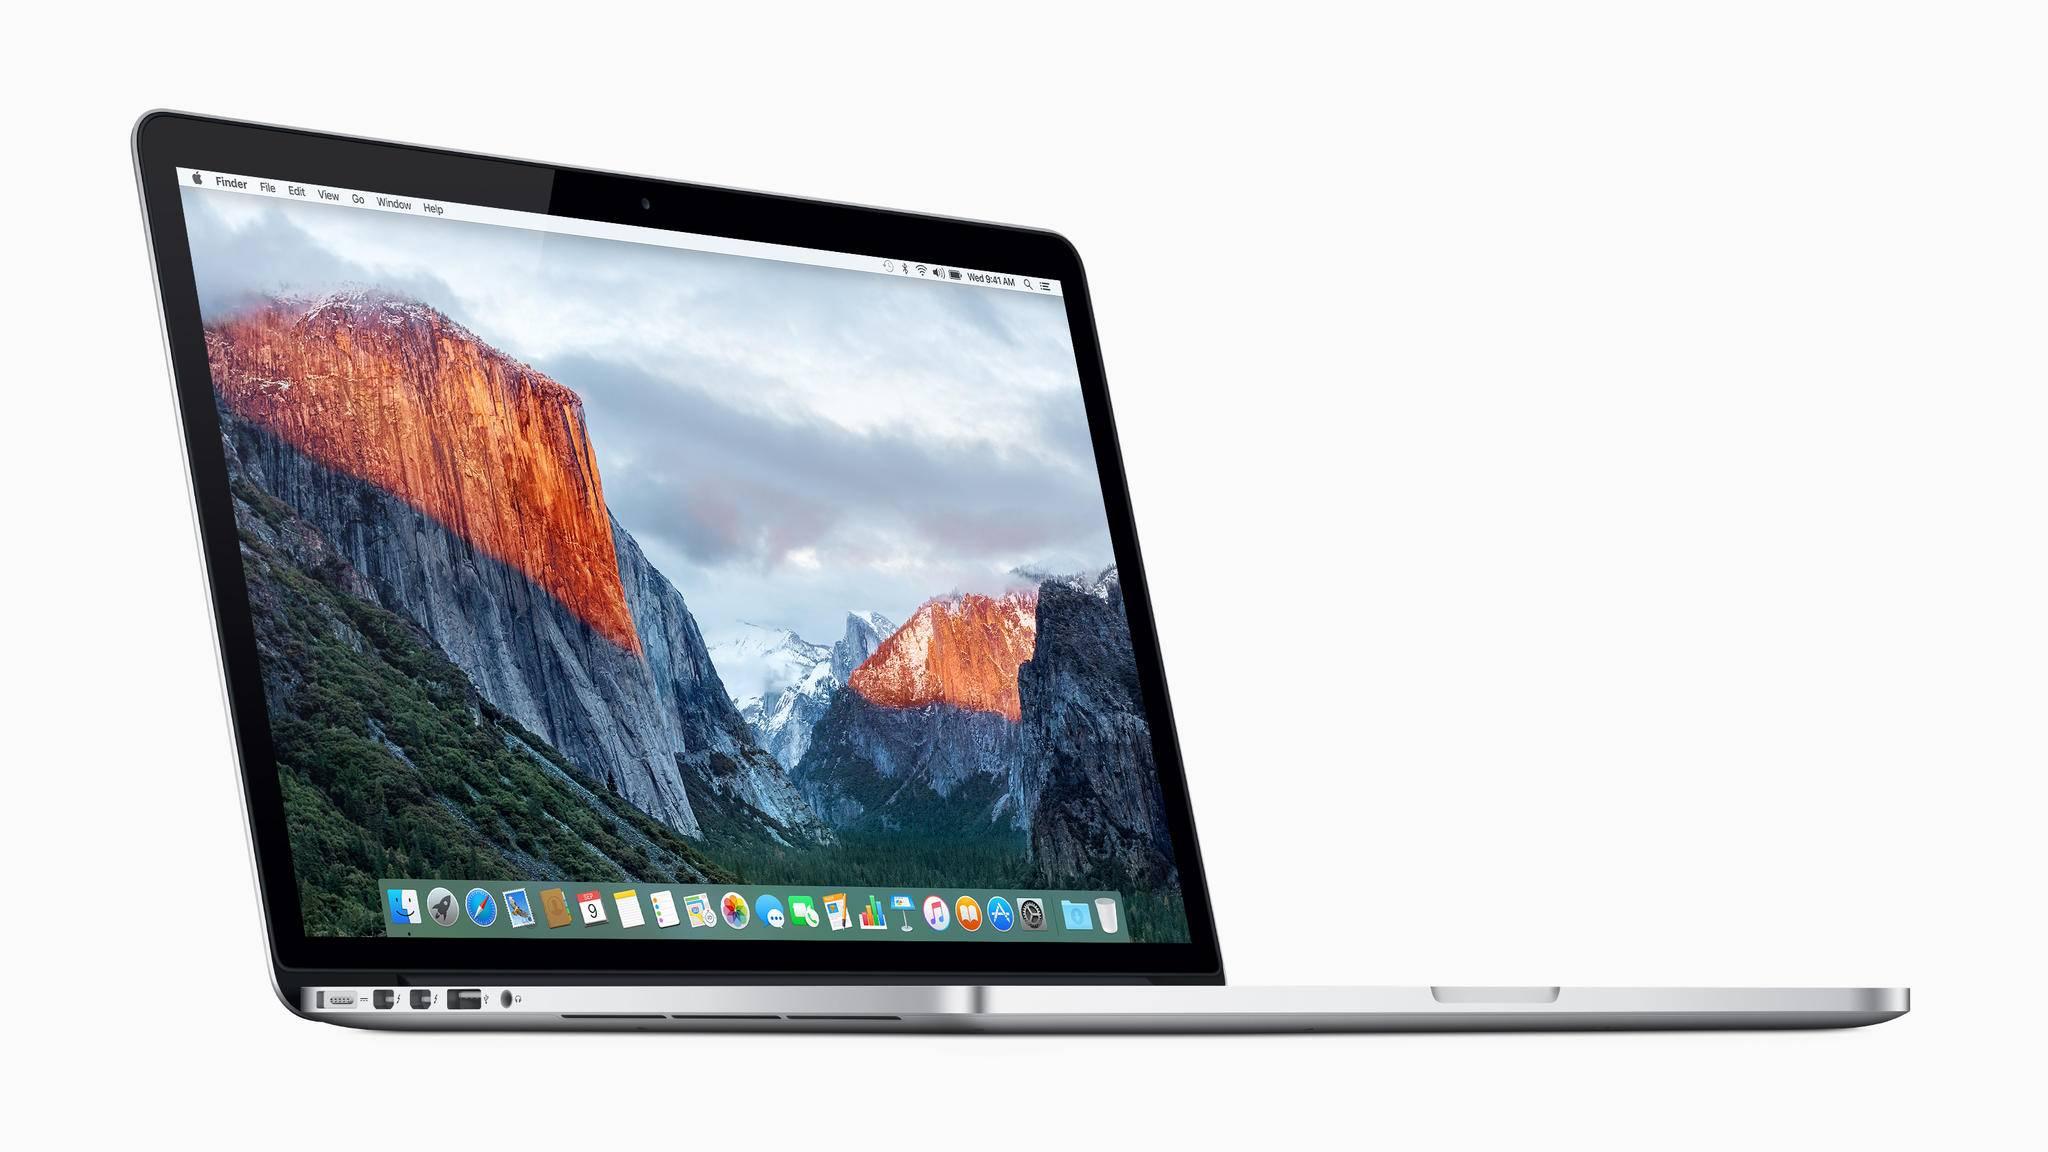 Bei einigen Modellen des MacBook Pro können Akkus überhitzen.